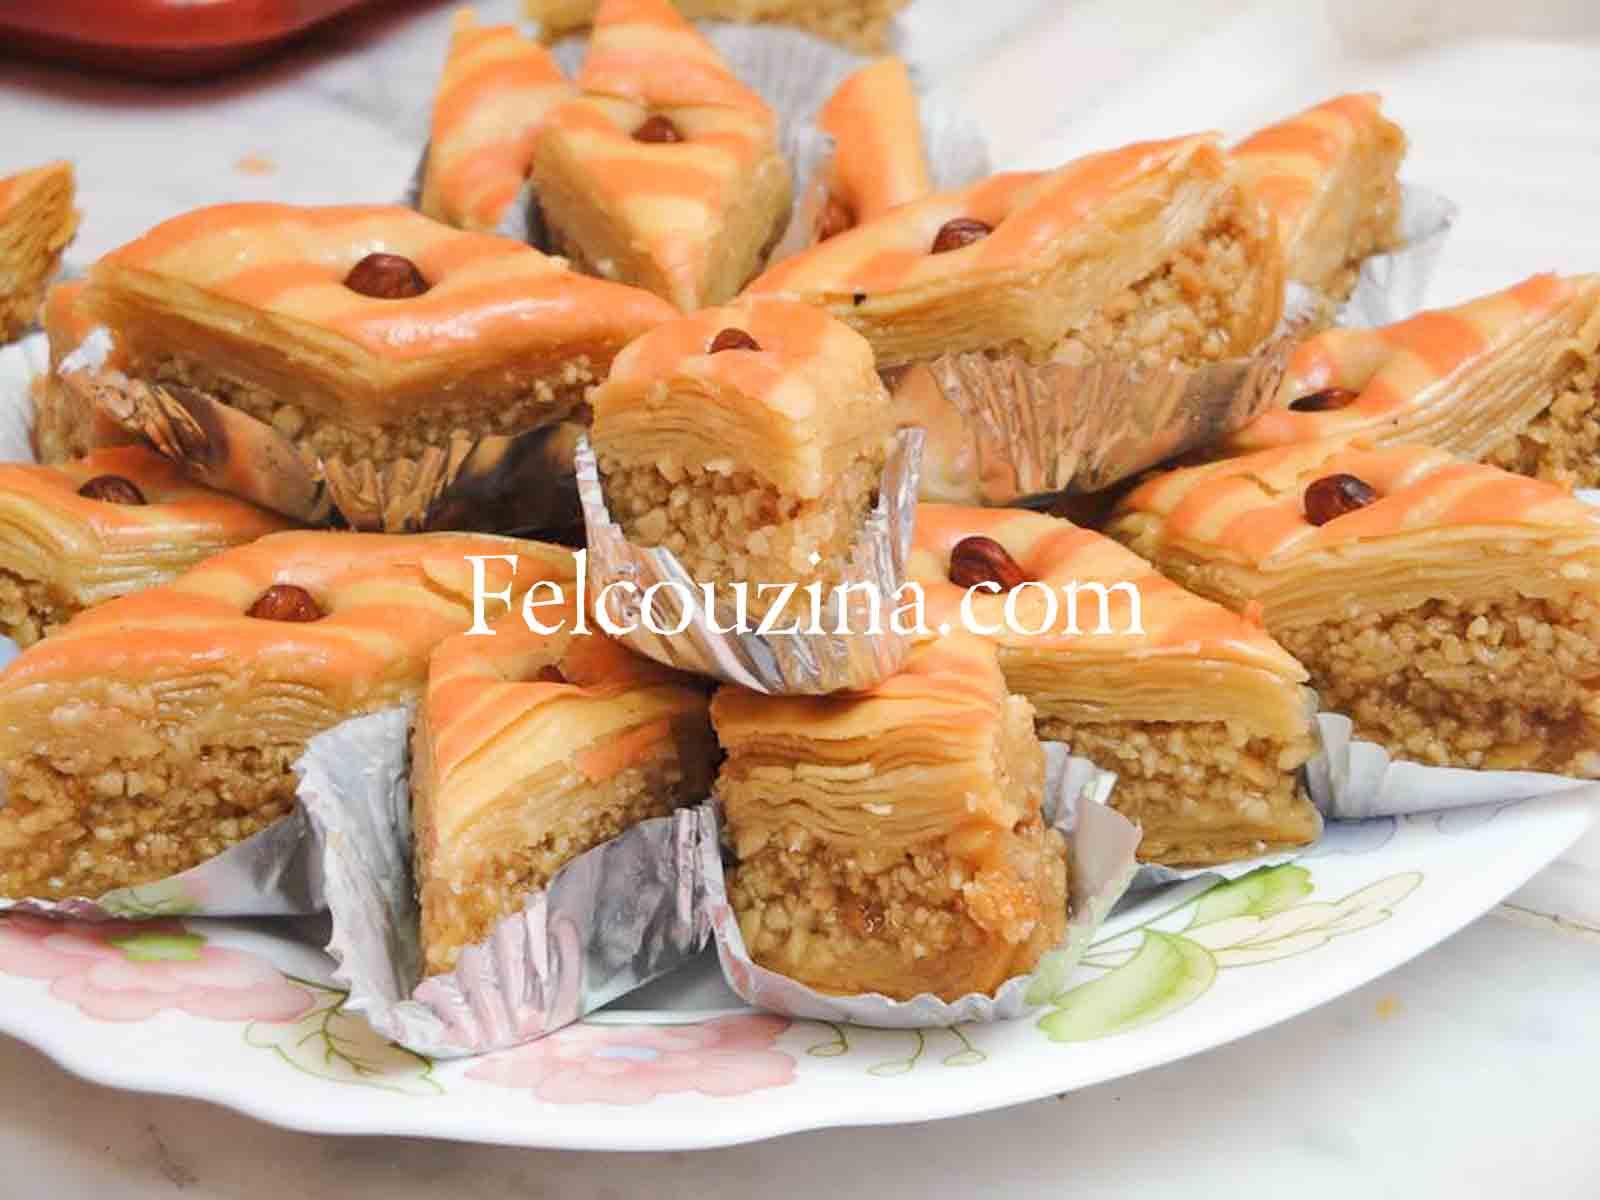 Recette de baklawa maison un g teau traditionnel alg rien - Recette de cuisine algerienne traditionnelle ...